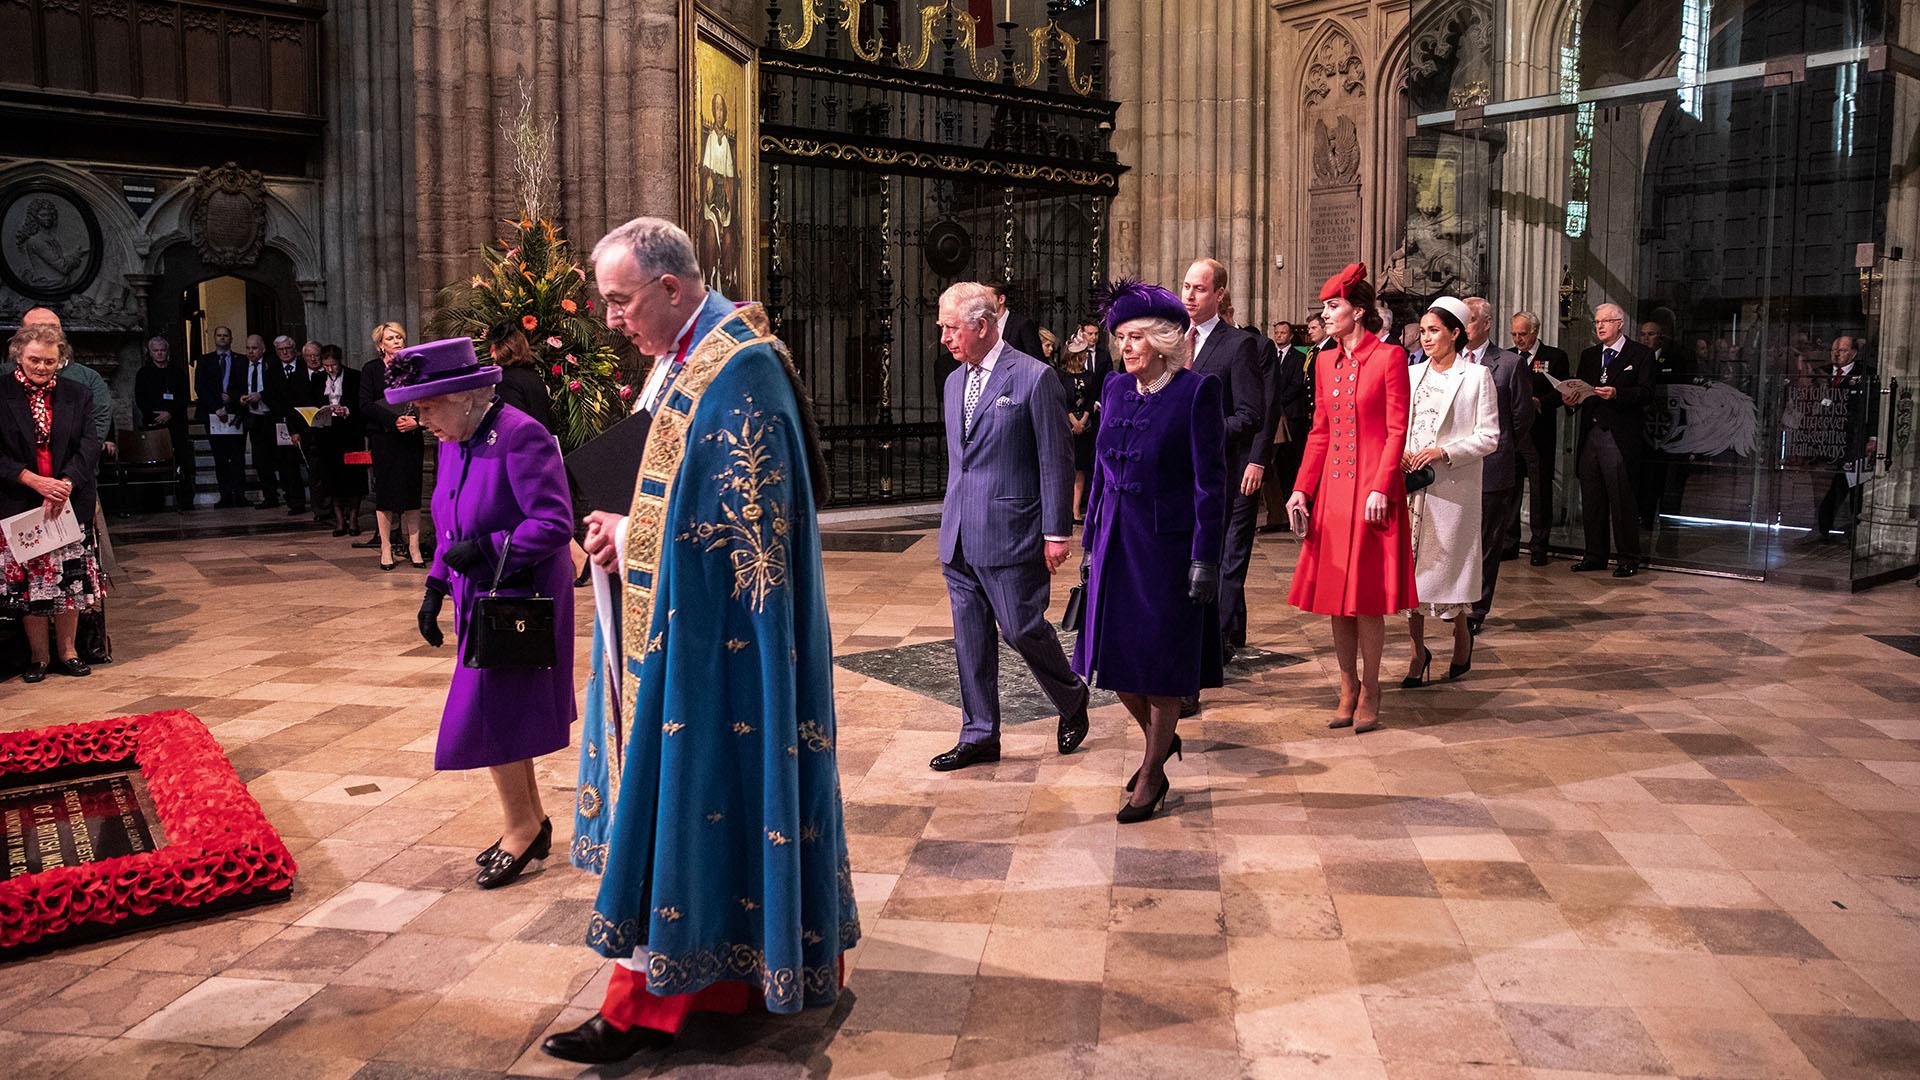 La reina Isabel II fue la encargada de liderar el evento que sigue las tradiciones protocolares de la realeza británica